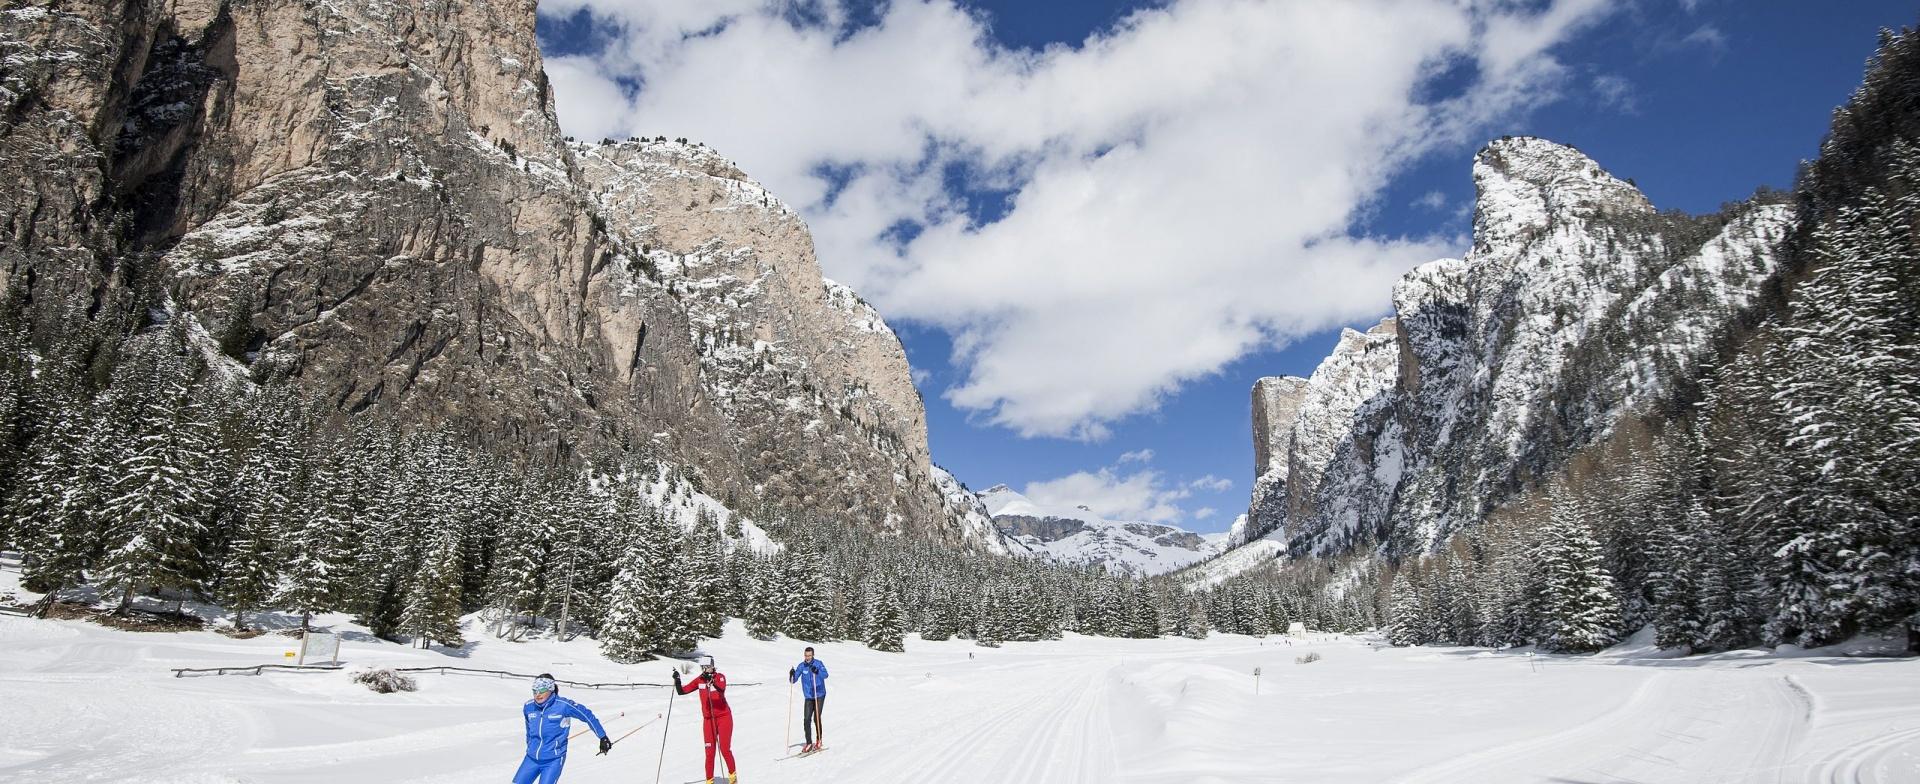 Winter activities in Val Gardena